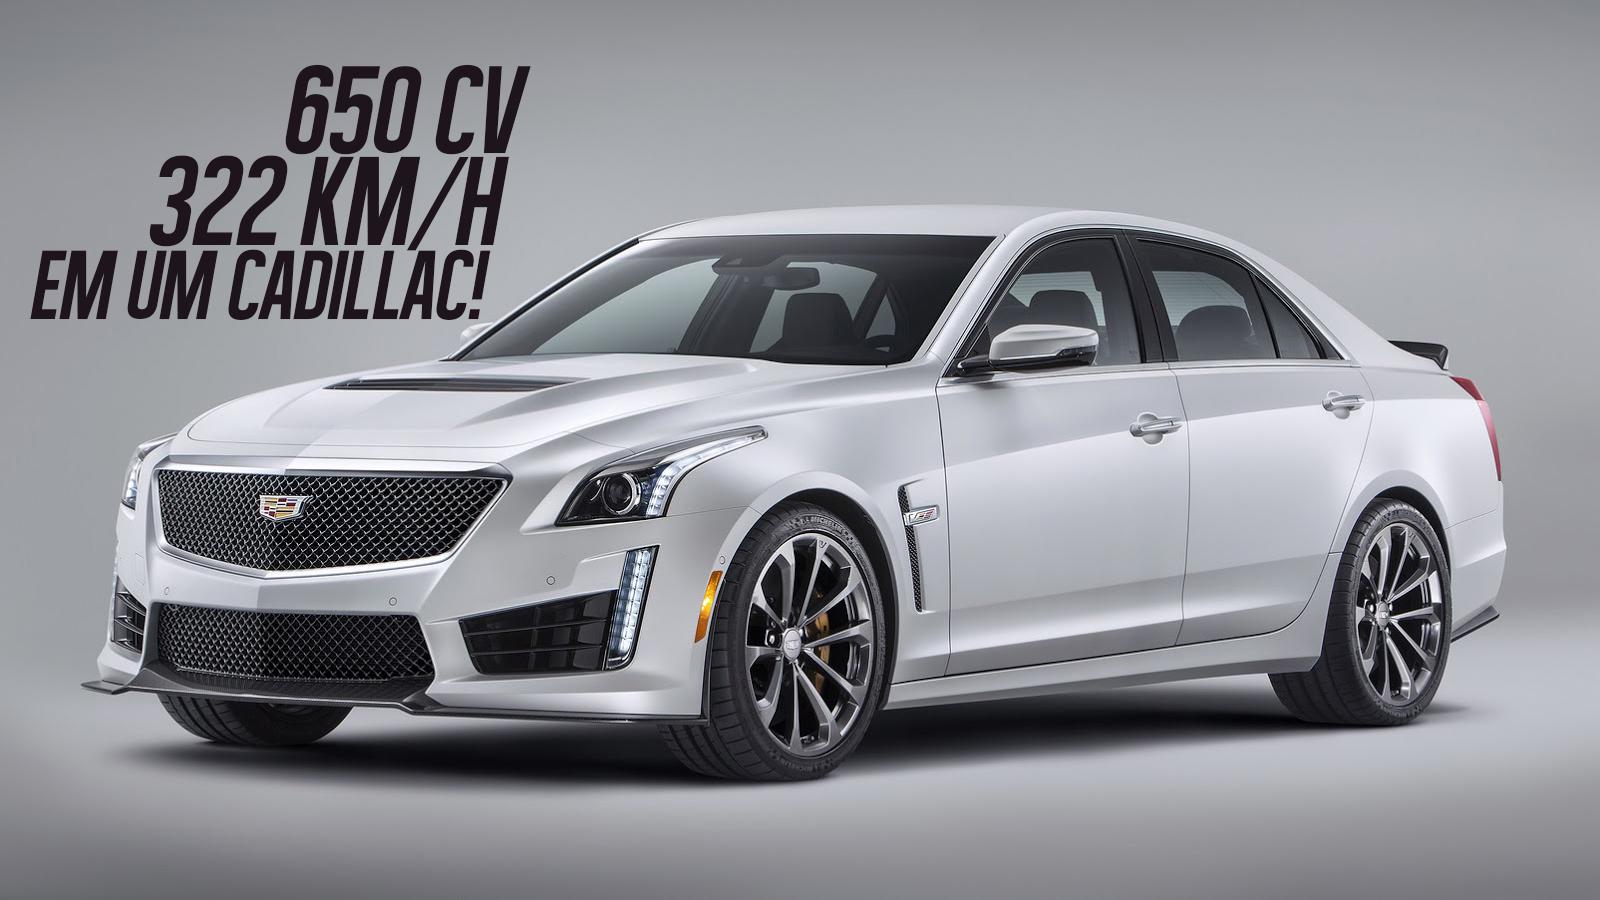 Cadillac Cts V Sedan Copy